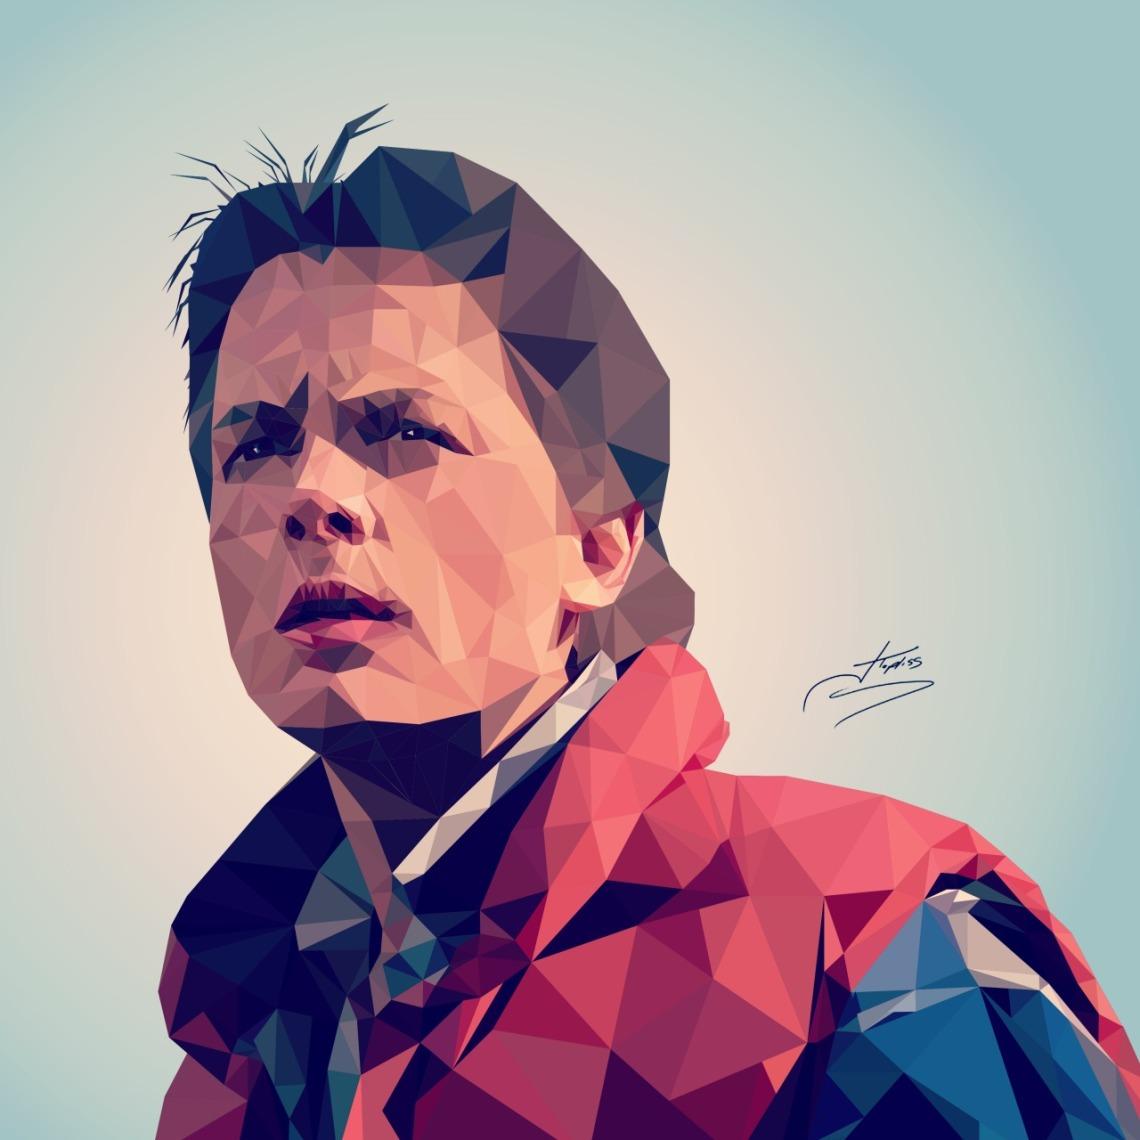 El personaje de ficción Marty McFly, en una ilustración de Jonathan Topliss.